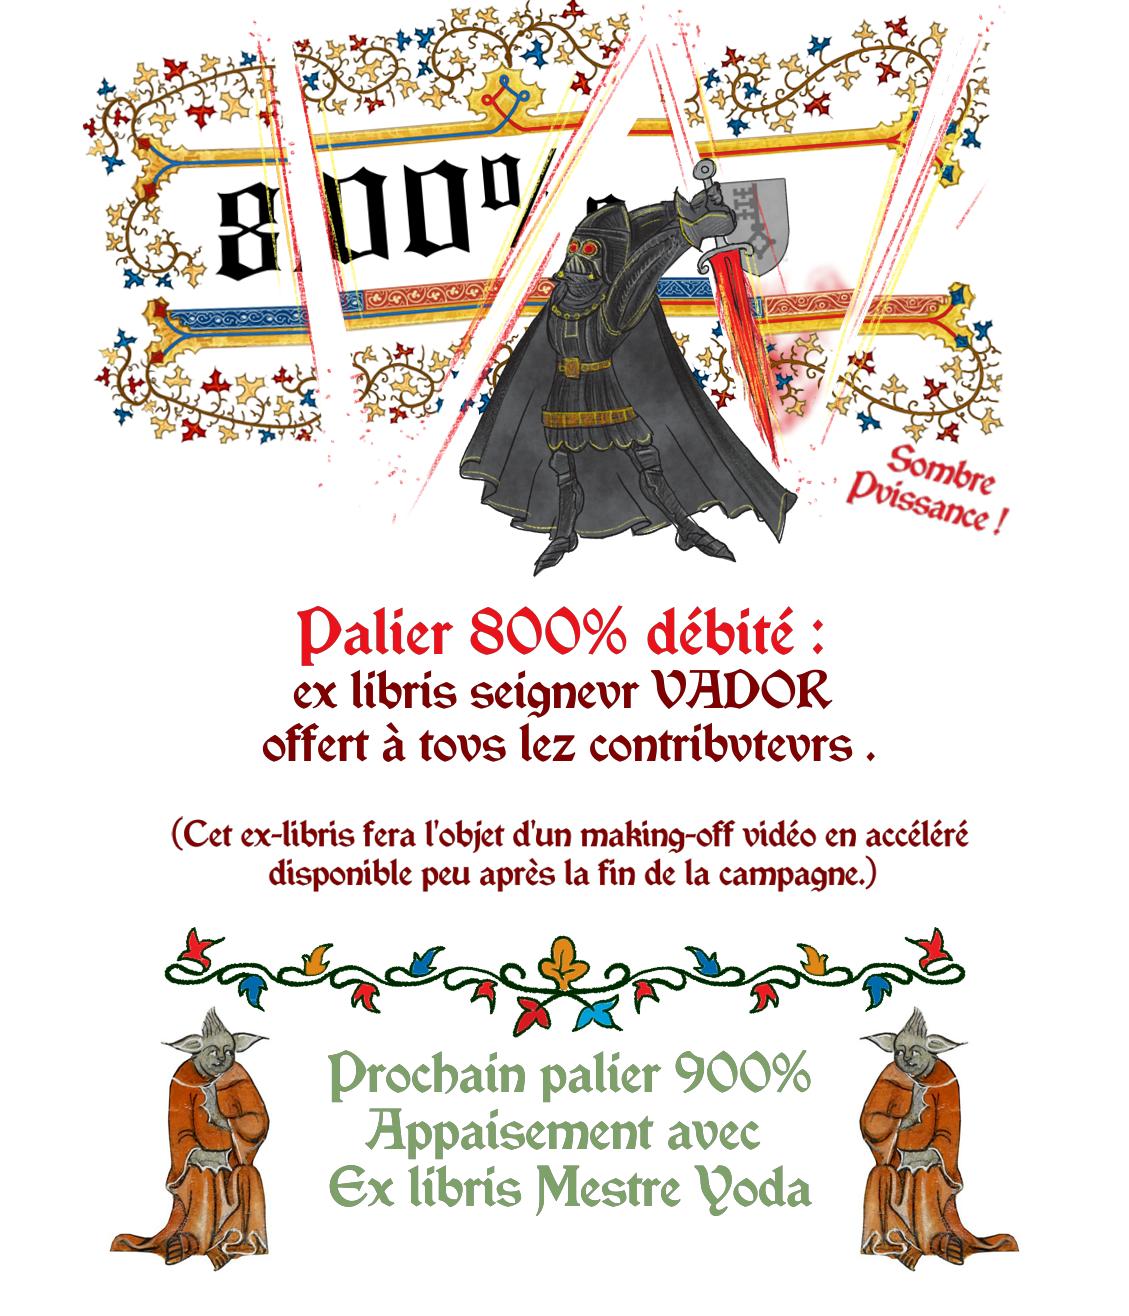 Le codex de Simon de Thuillières 48a1516d-ed37-4eaa-81fa-fece48ef0ca4